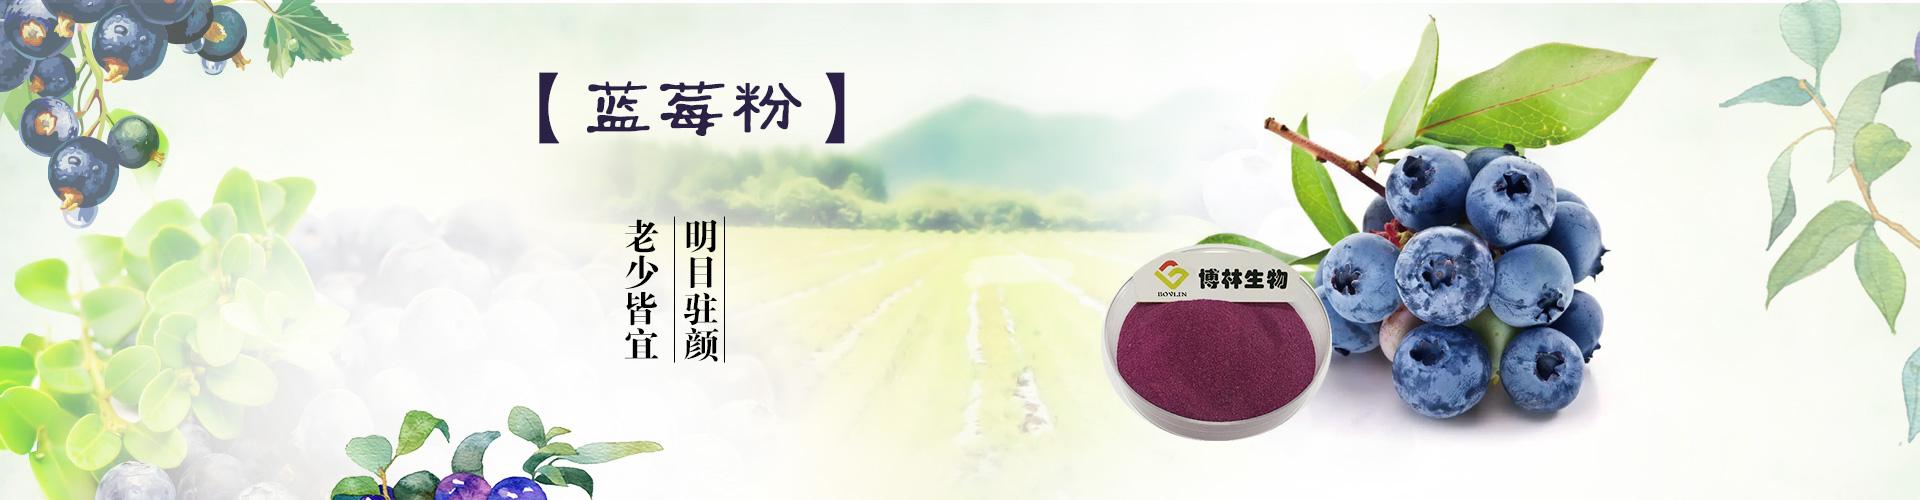 水果蔬菜粉